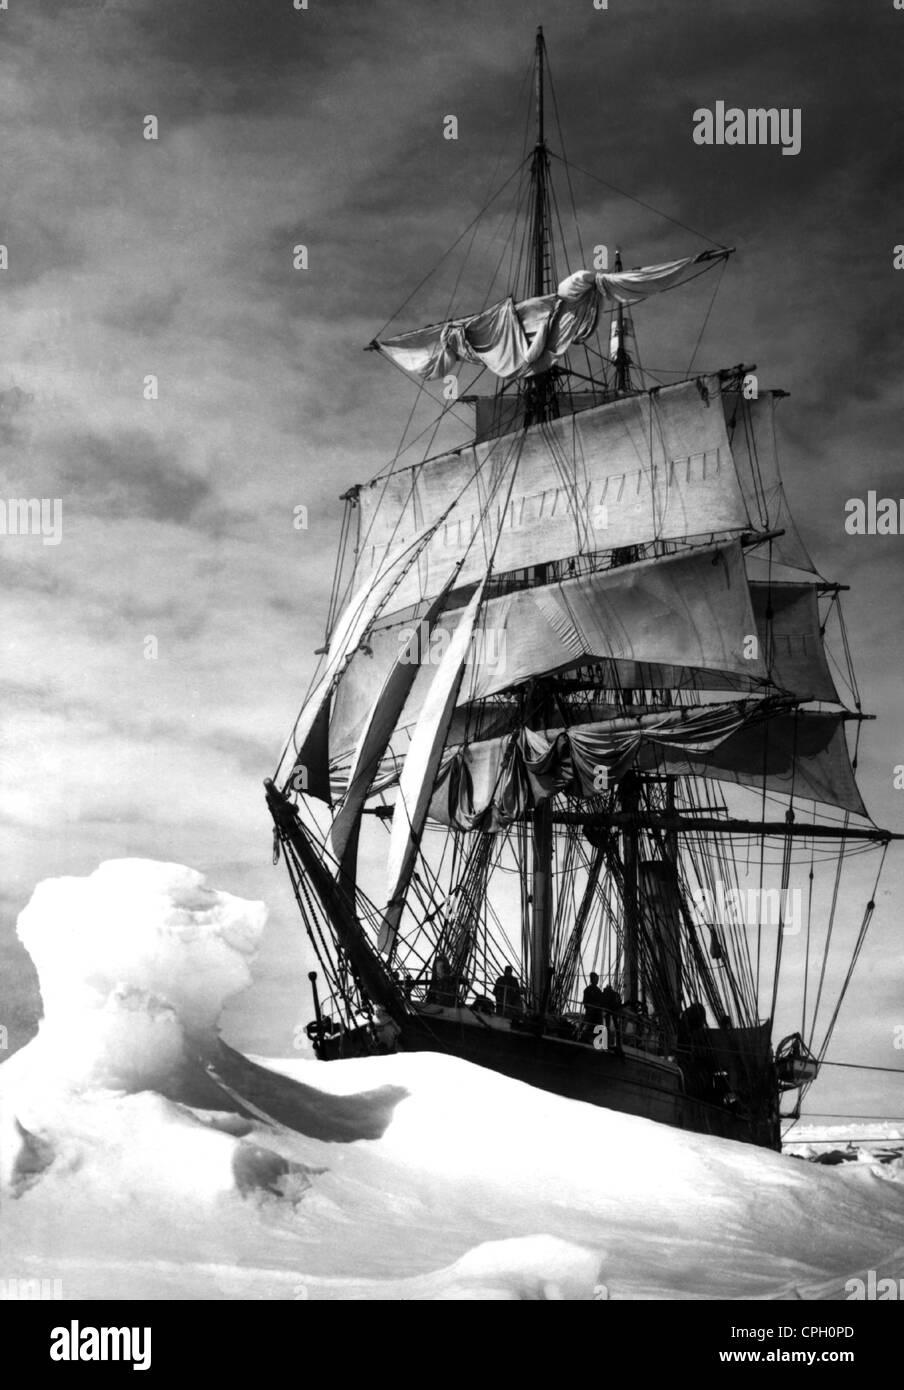 Scott, Robert Falcon, 6.6.1868 - 29.3.1912, British Antarctic explorer, spedizione in Antartide 1910 - 1912, la Immagini Stock